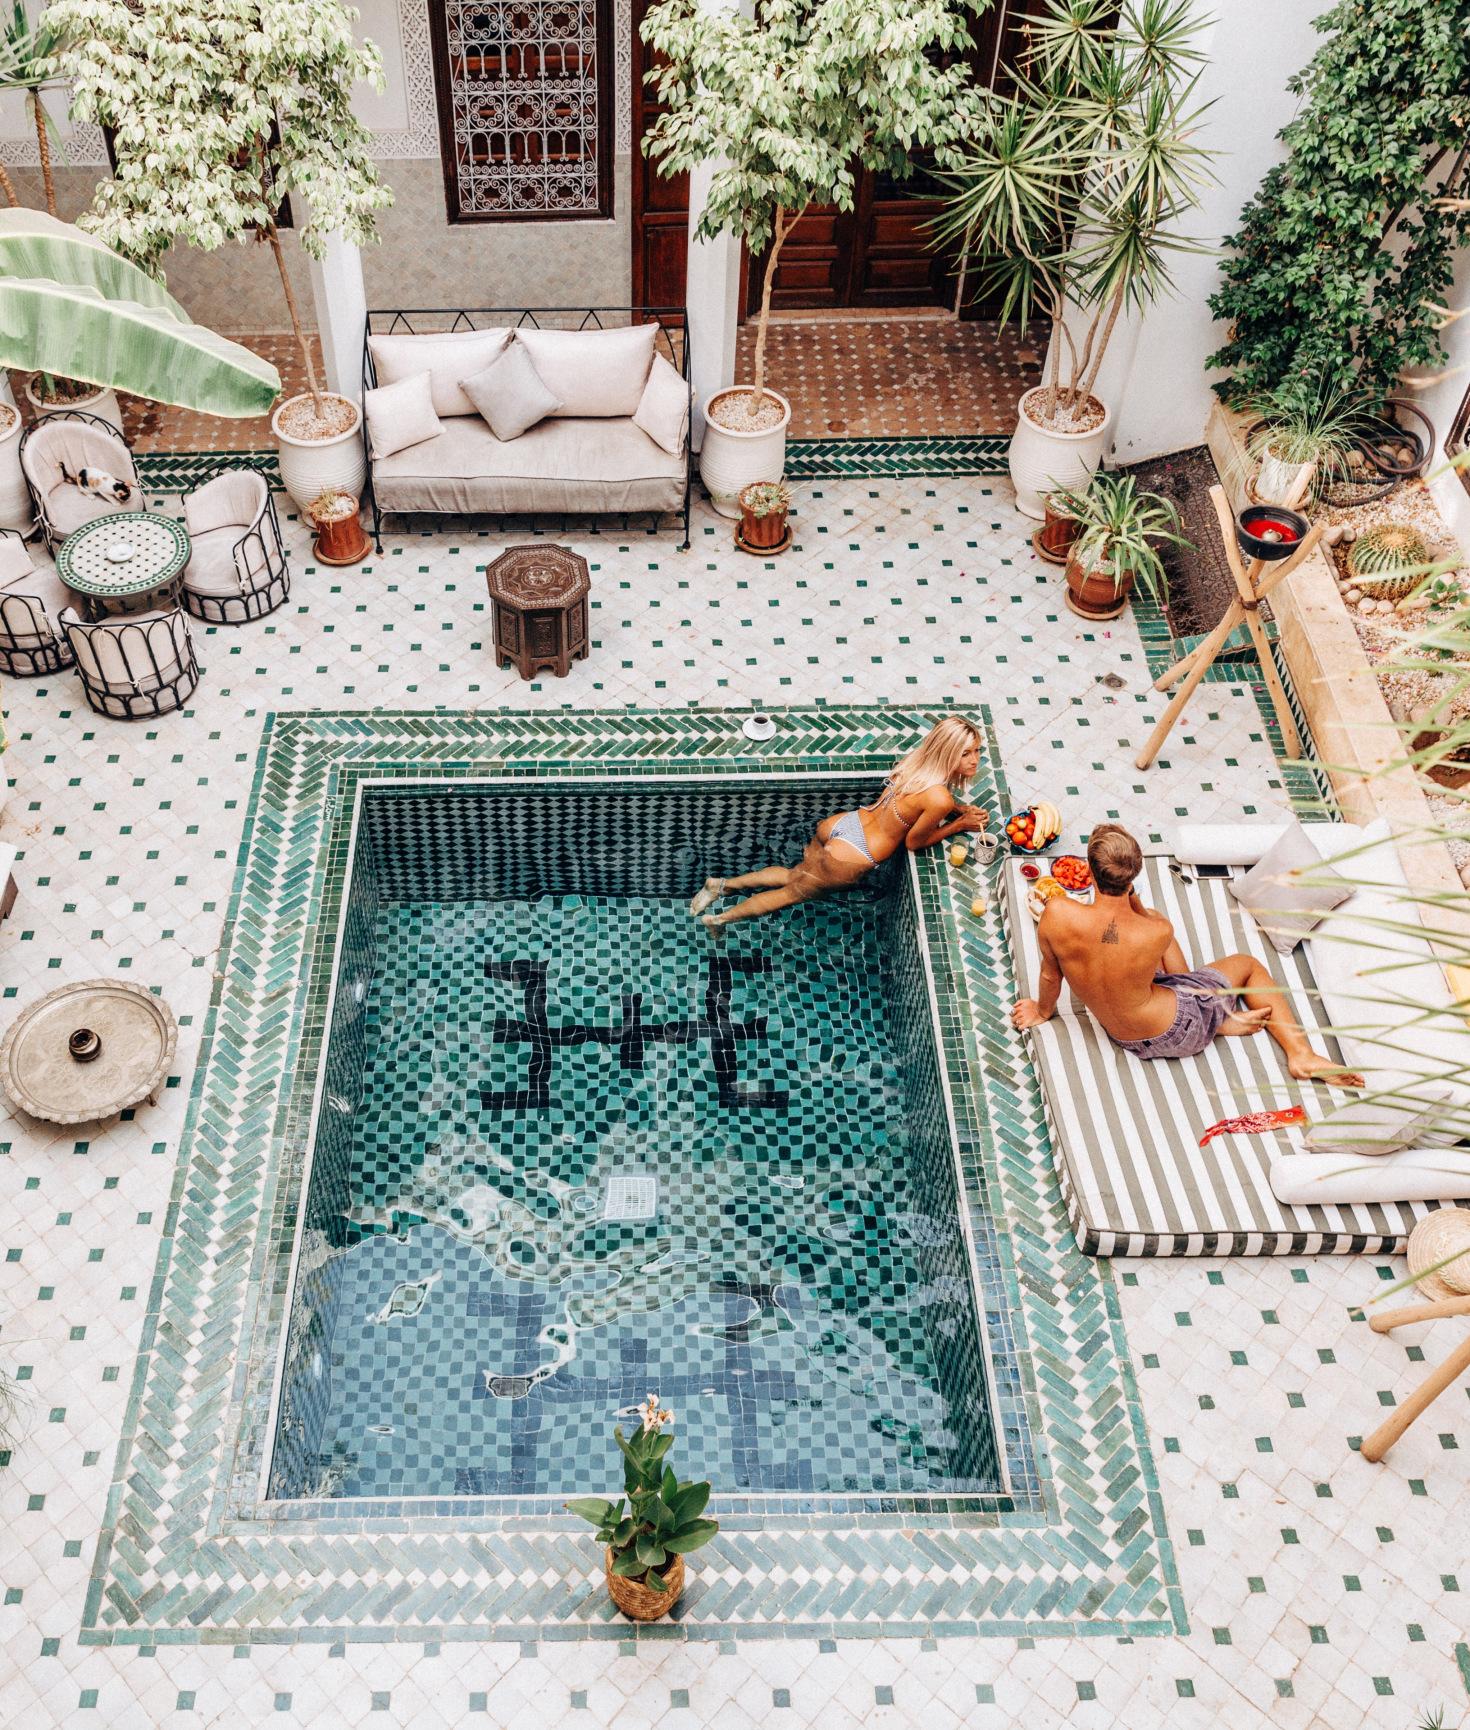 Morocco tiled pool